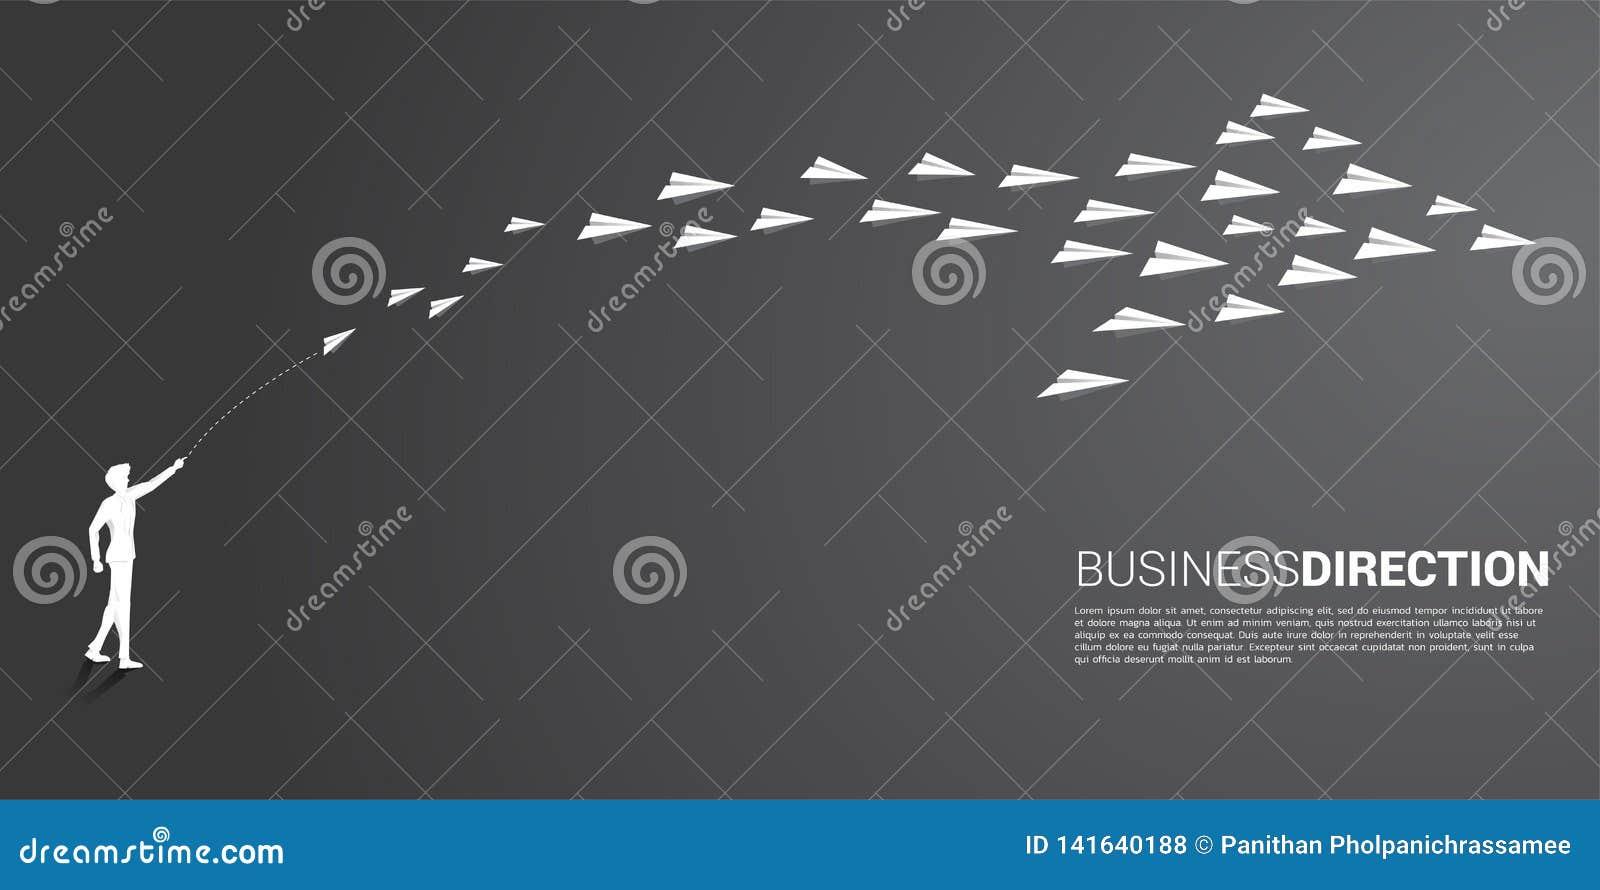 Konturn av affärsmannen att kasta ut det vita origamipappersflygplanet ordnas i en form av den stora pilen